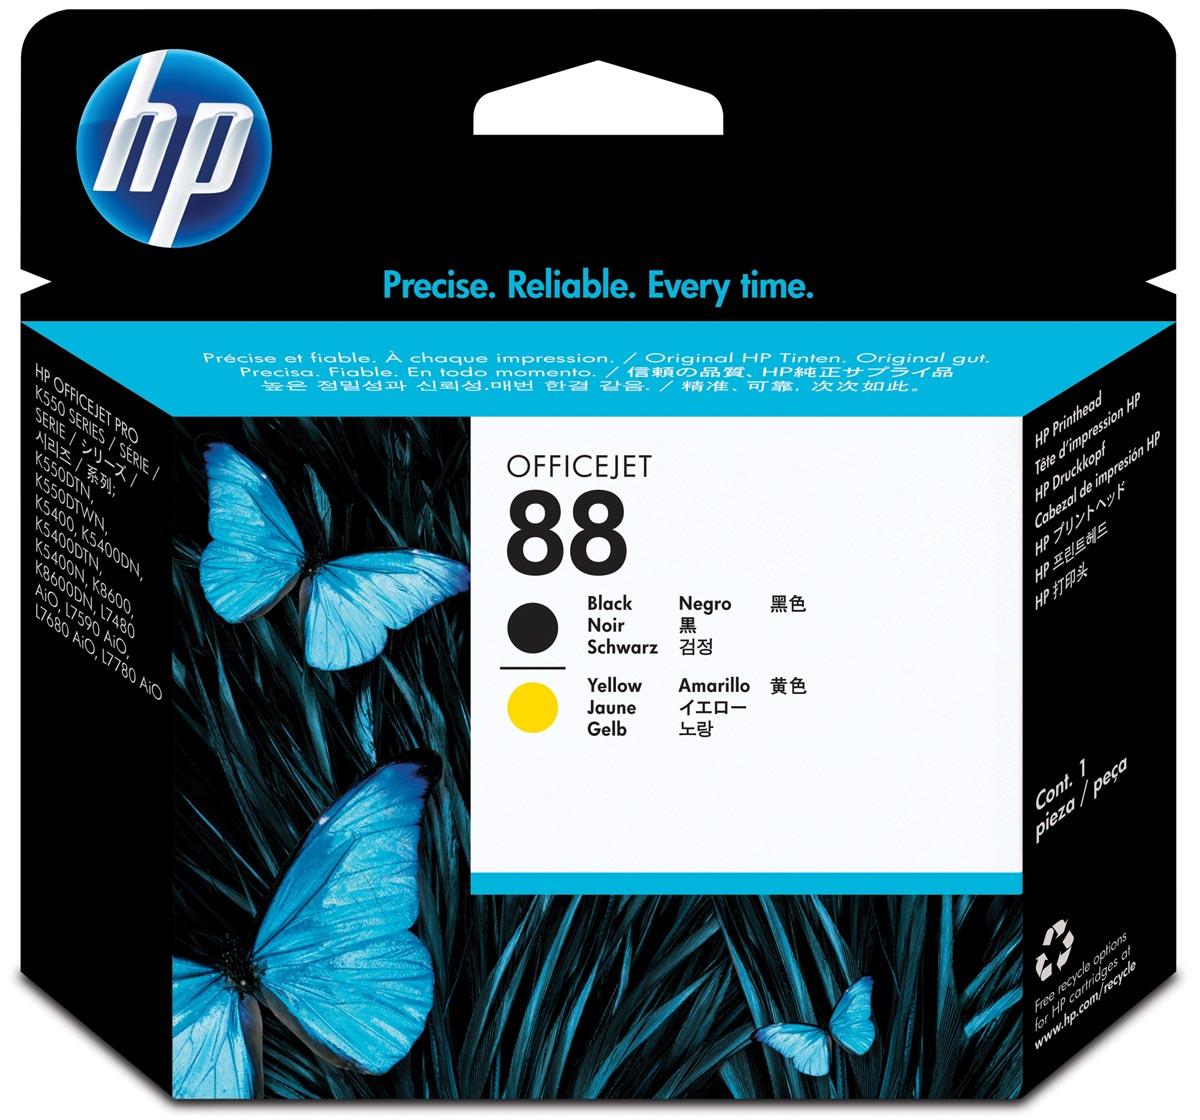 HP printkop 88, 9 000 paginas, OEM C9381A, zwart-geel